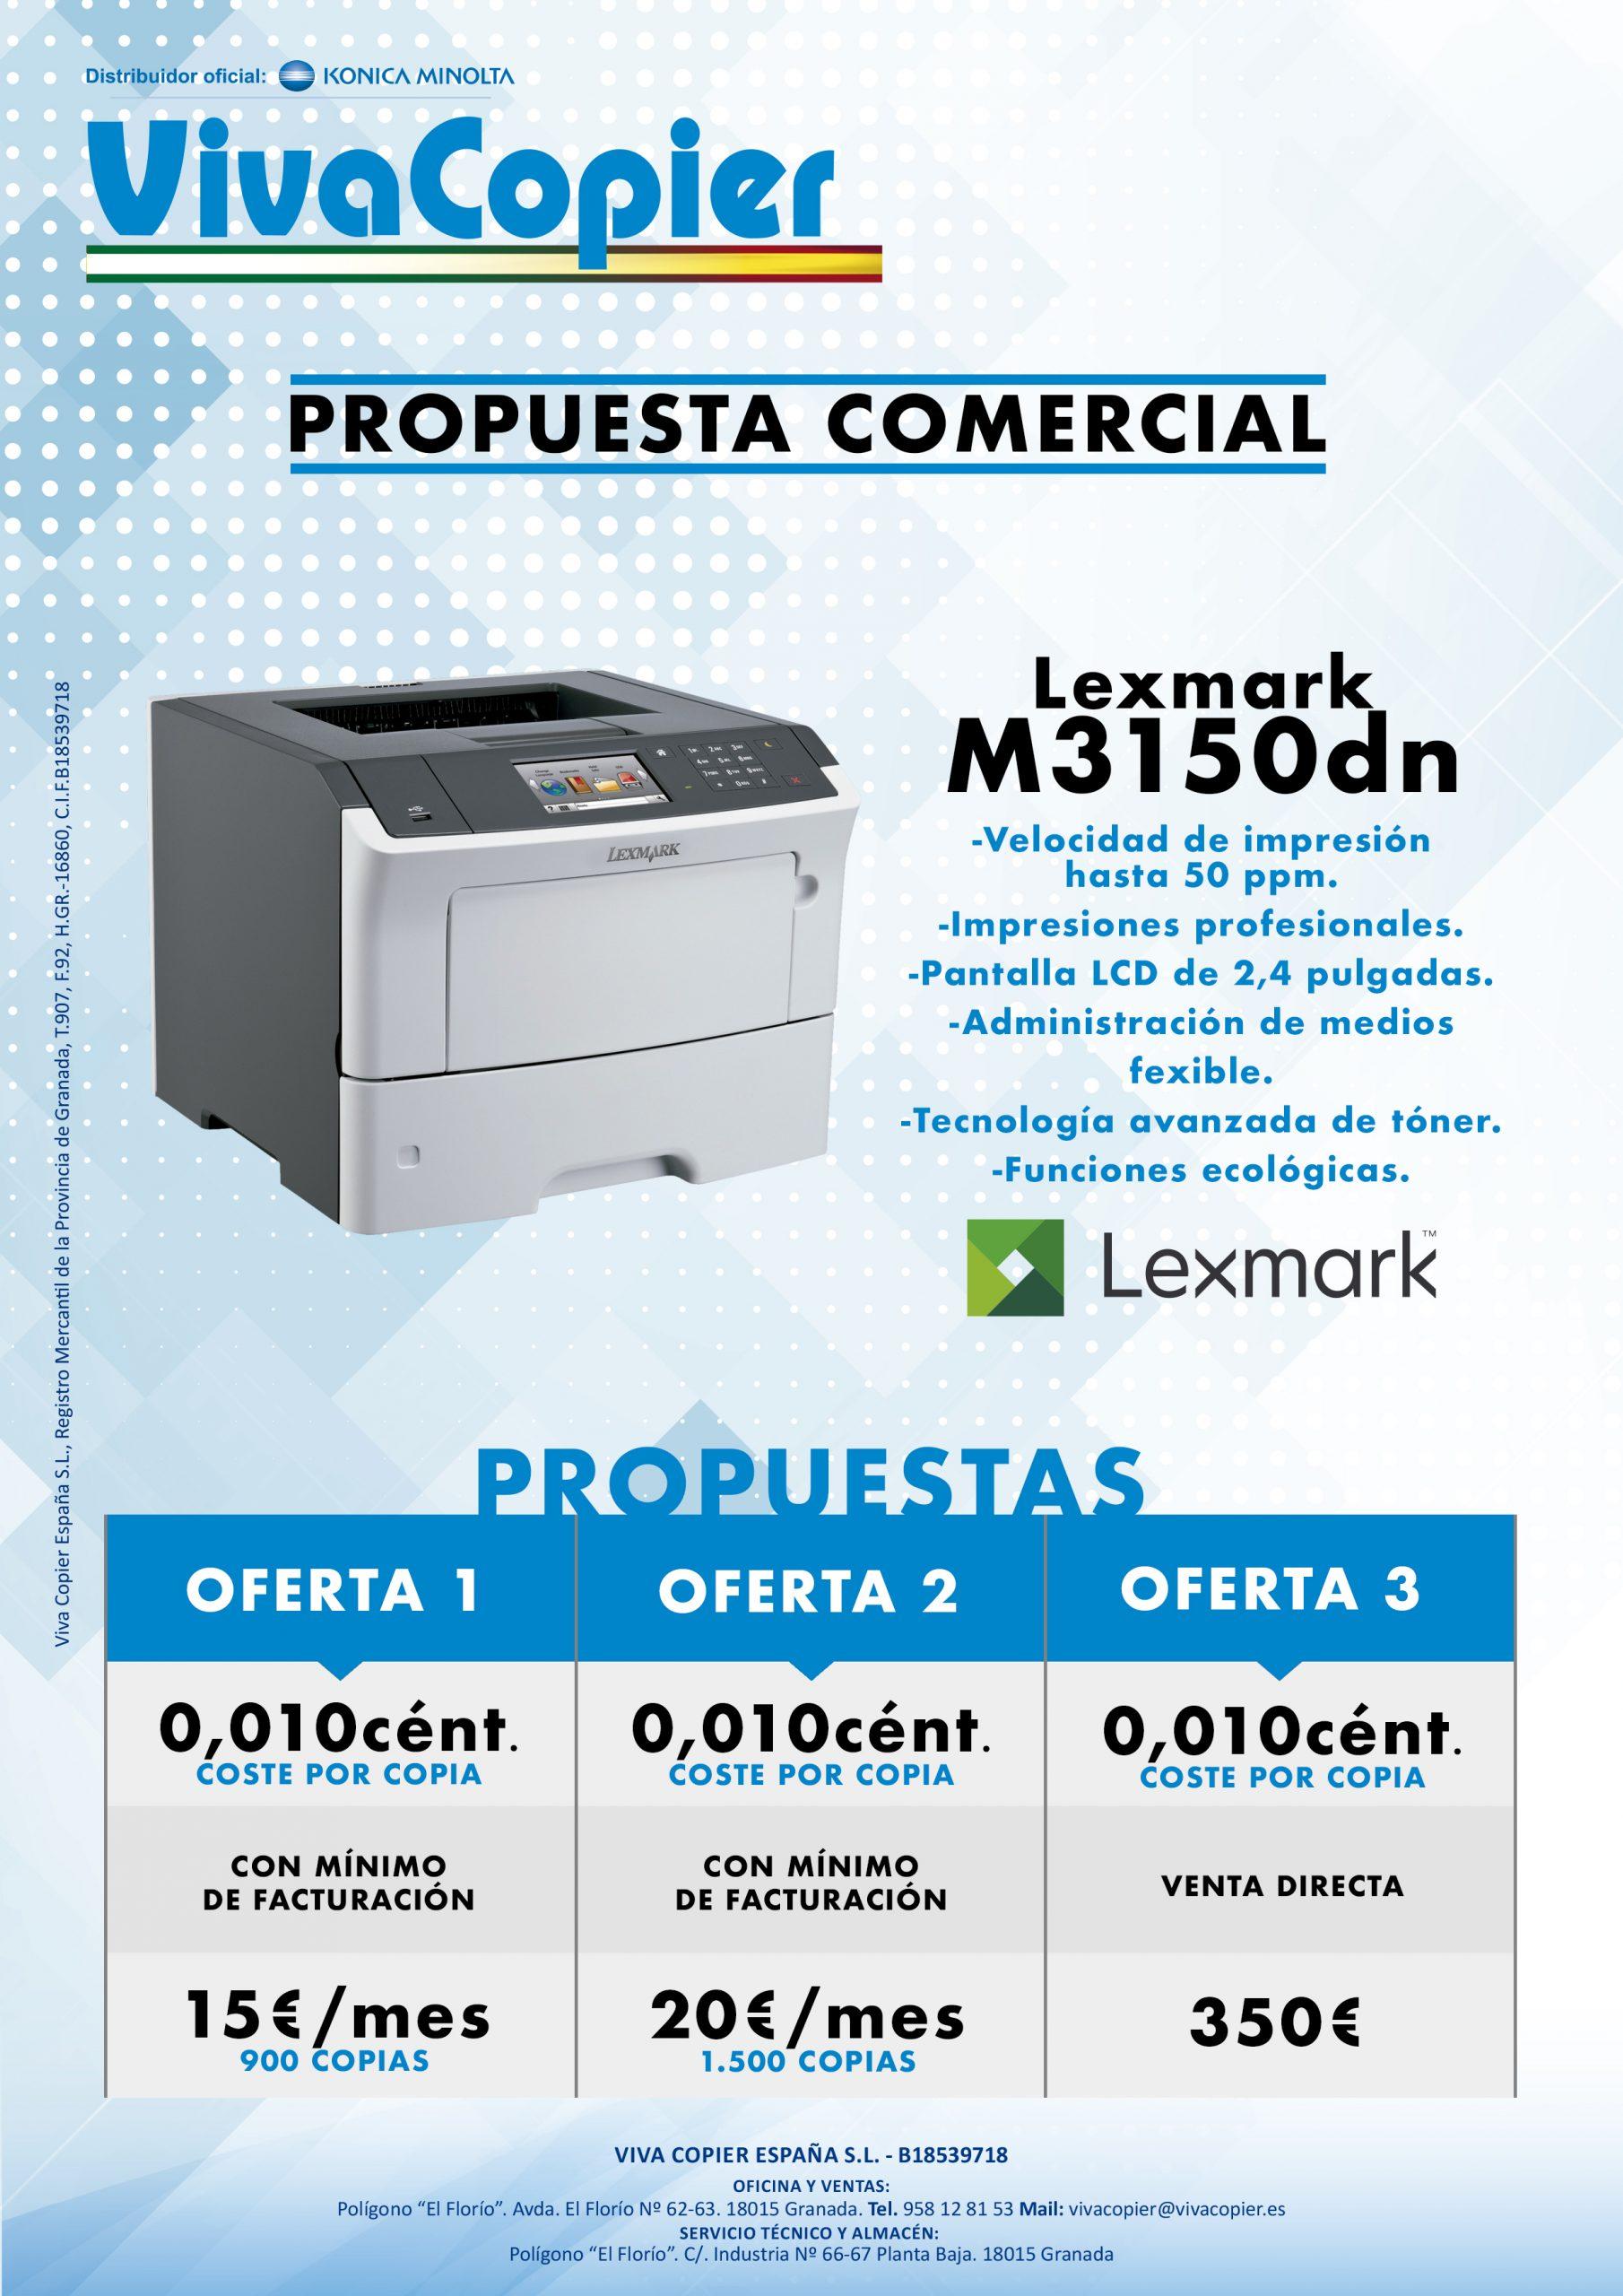 Ofertas soluciones digitales e impresión documental